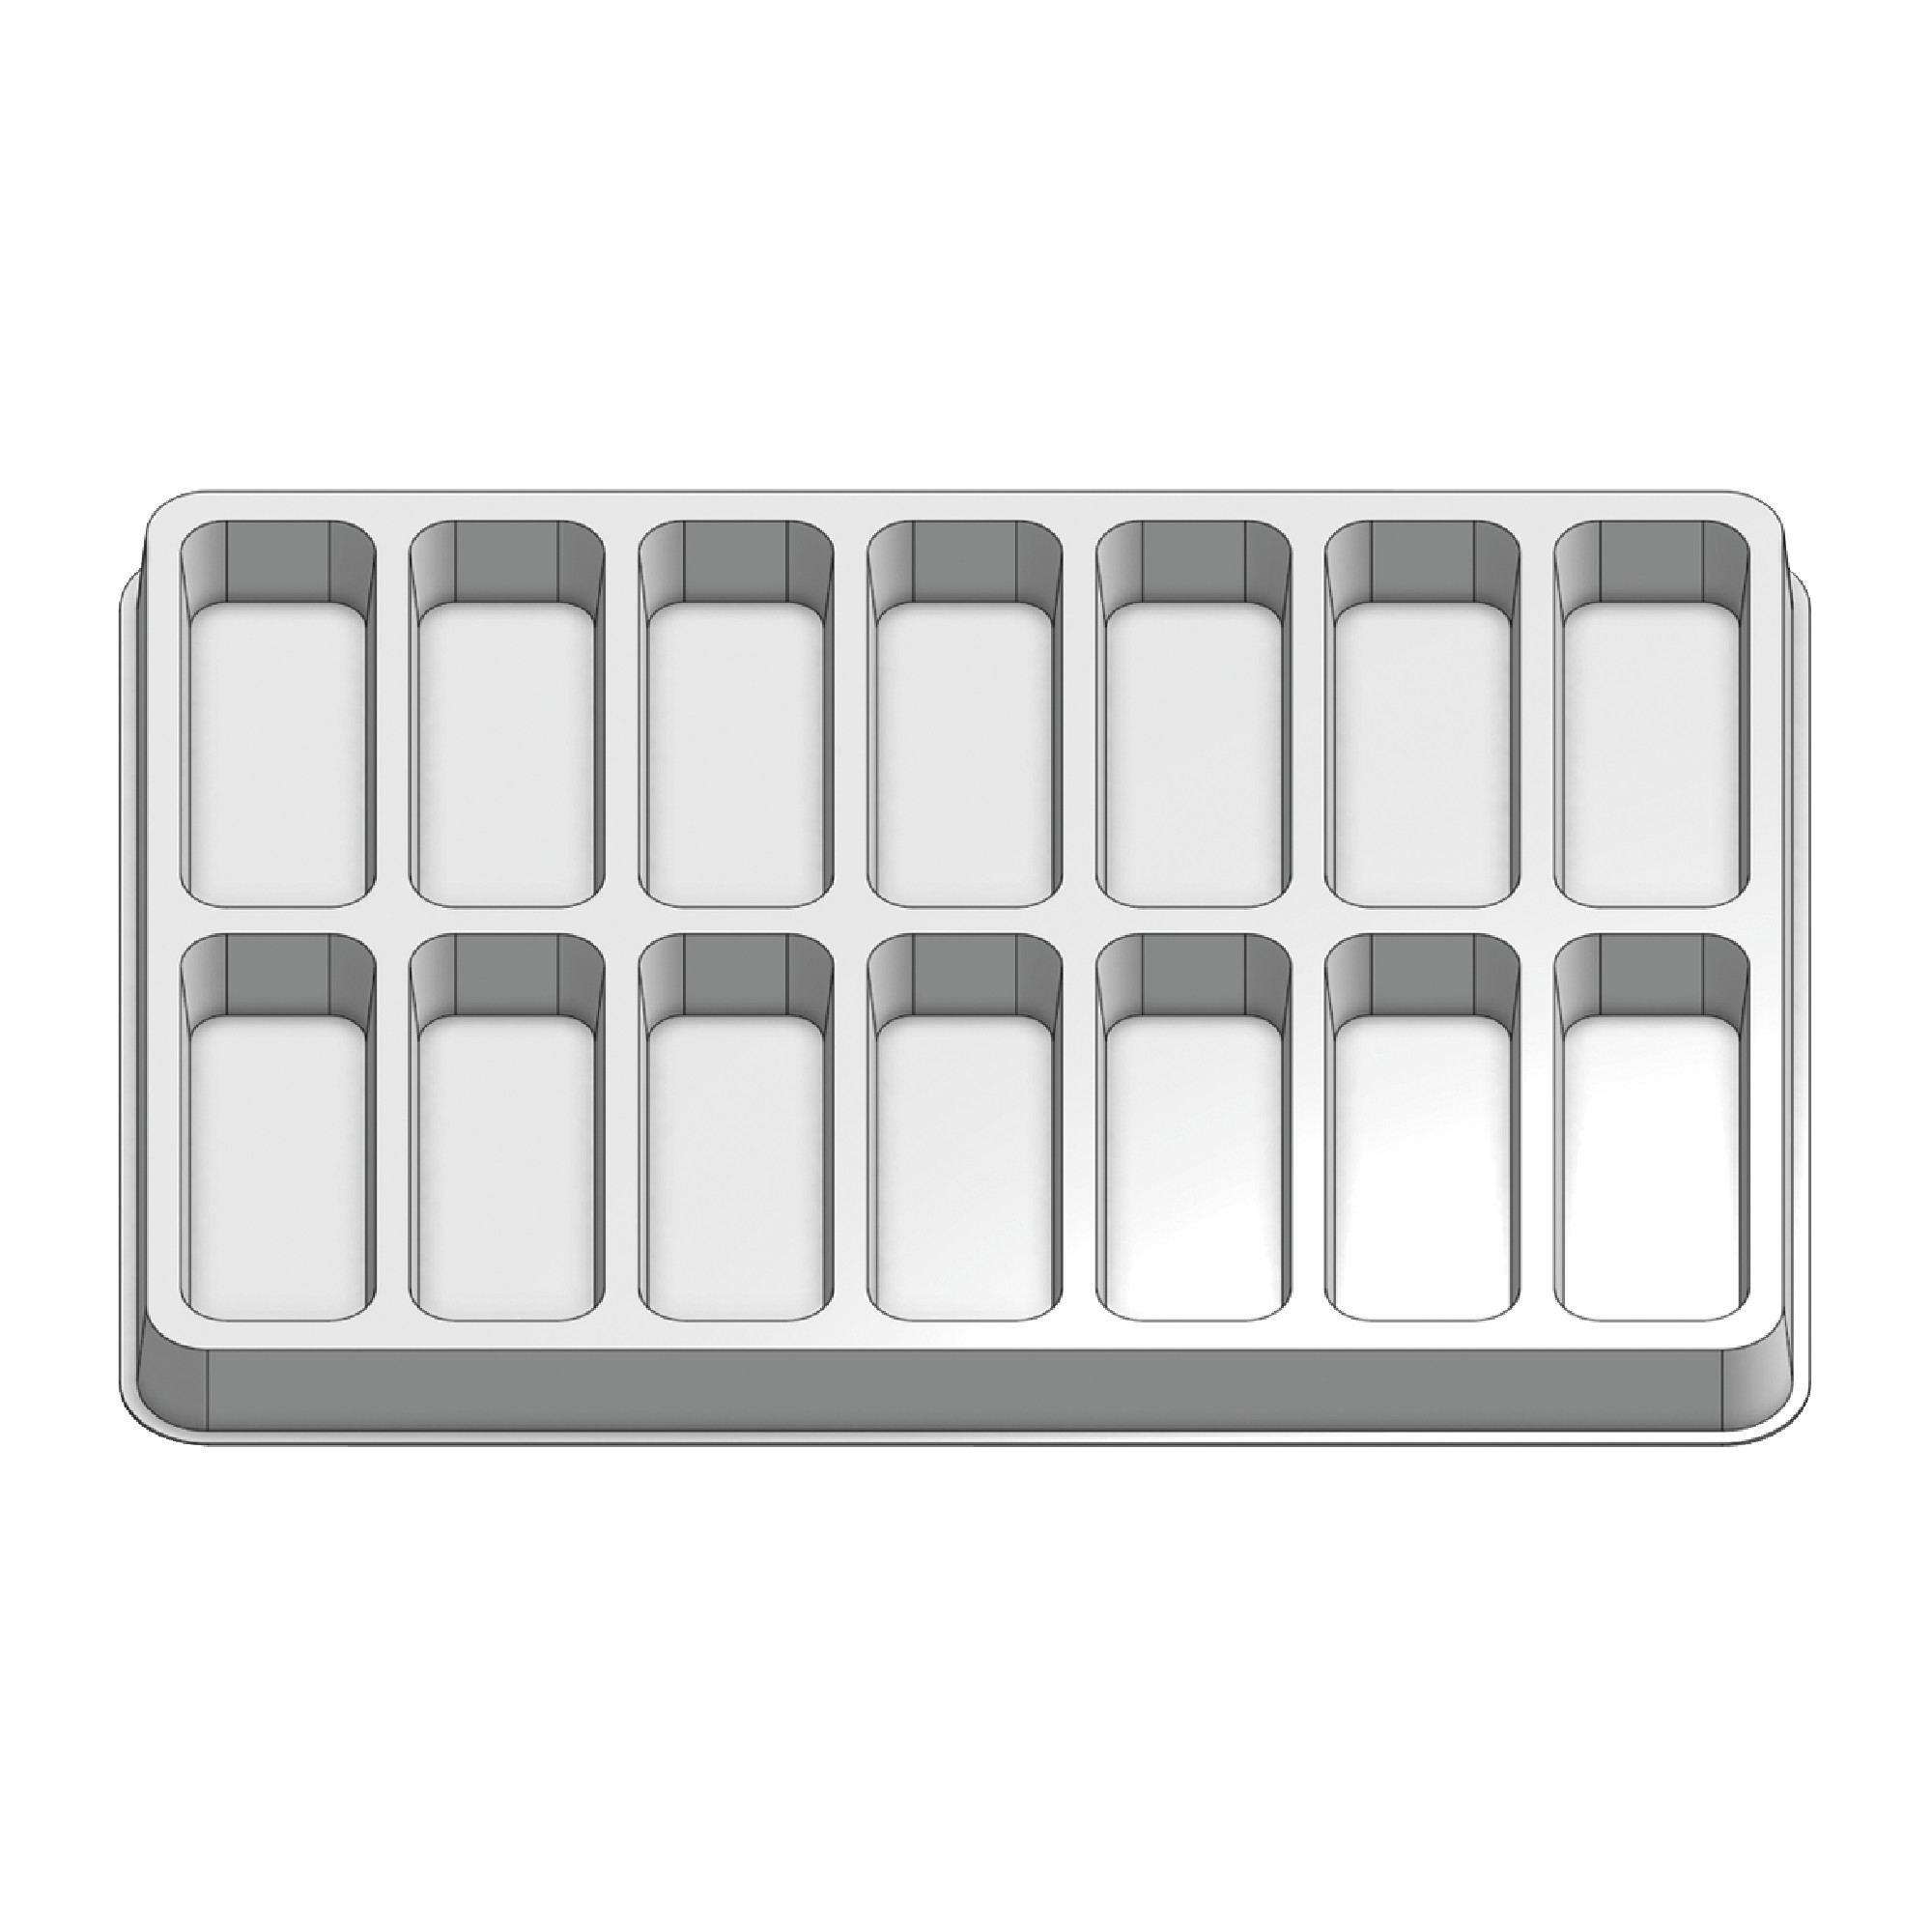 14 Pocket Stock Plastic Tray